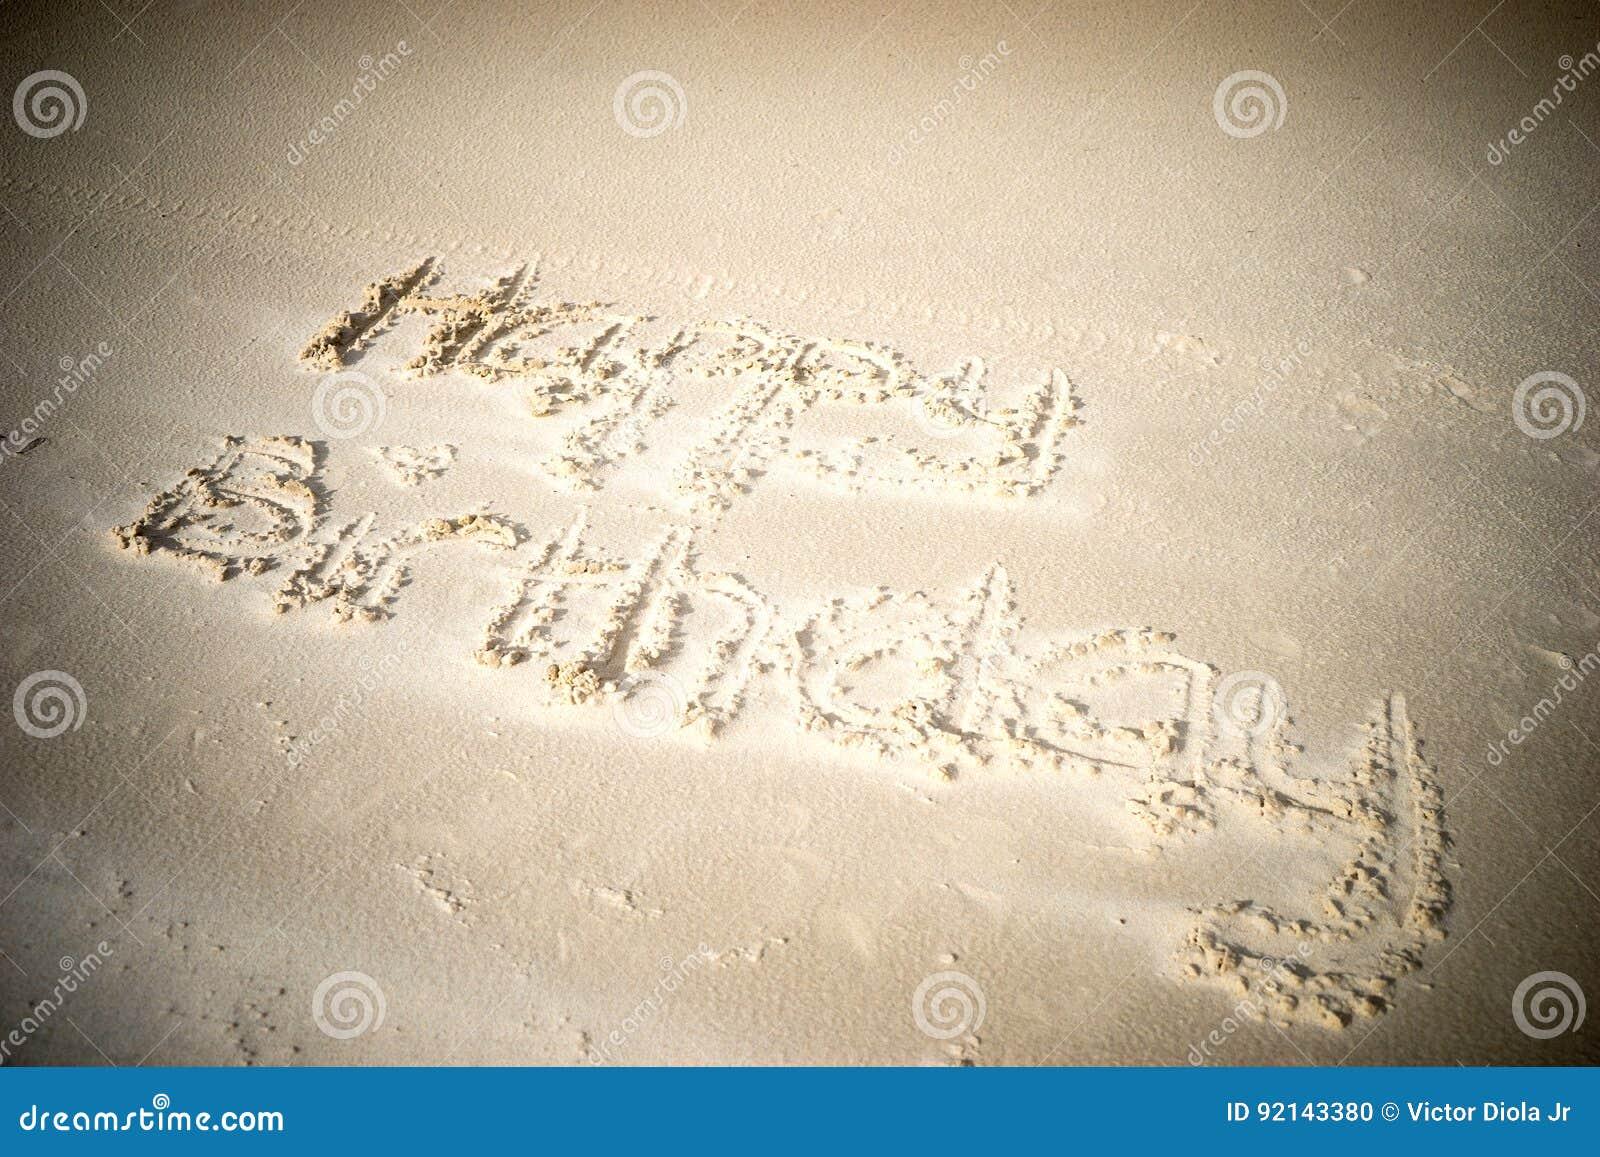 Feliz aniversario escrito na areia